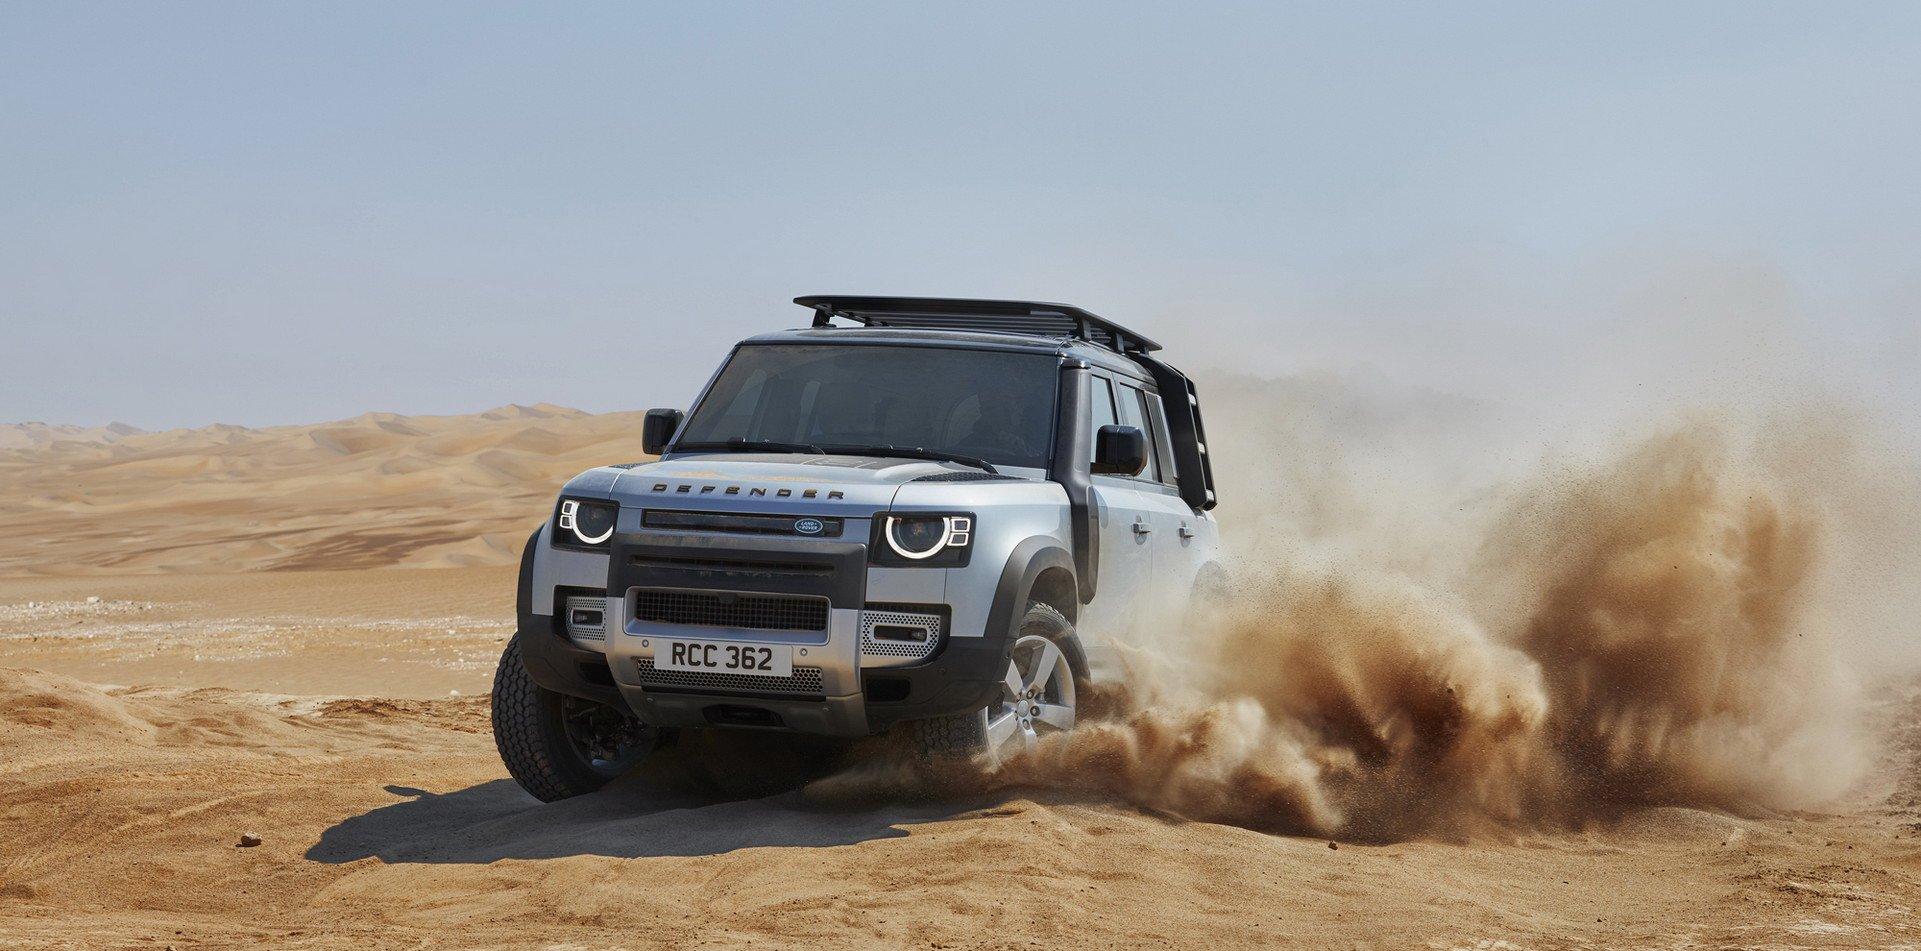 El Land Rover Defender podría recibir una variante SVR con motor BMW